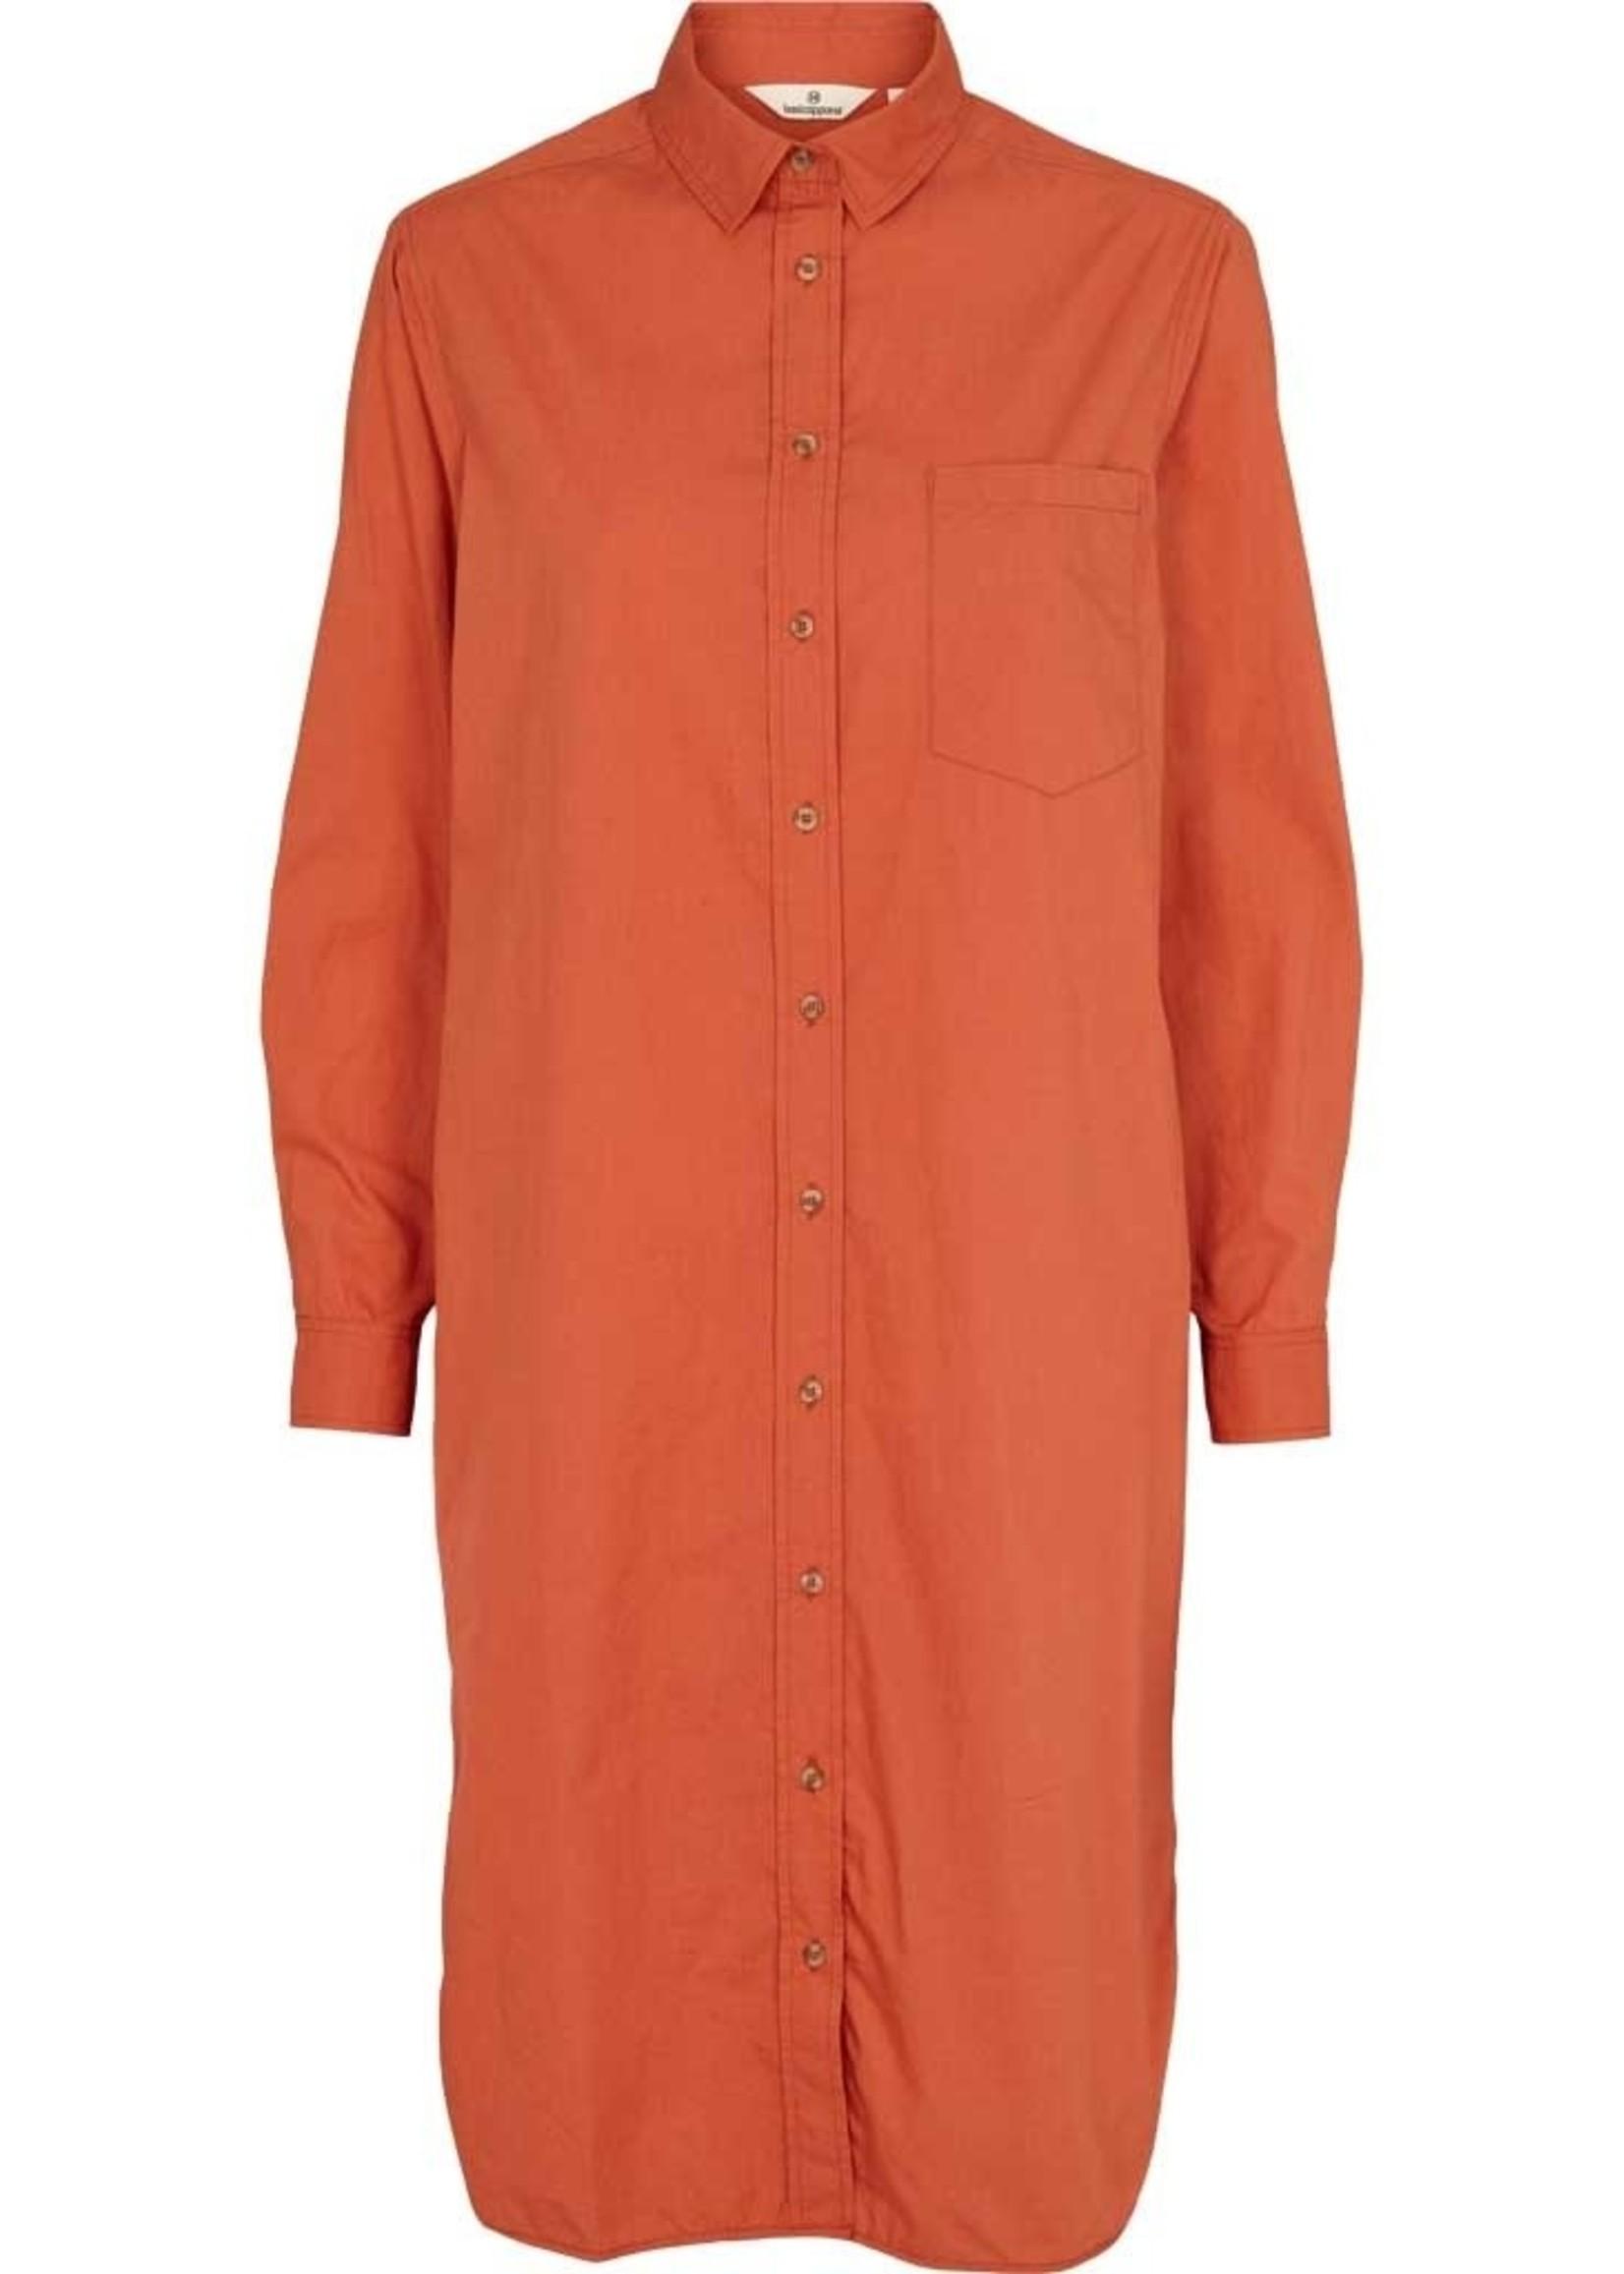 Basic Apparel Vilde Shirt Dress